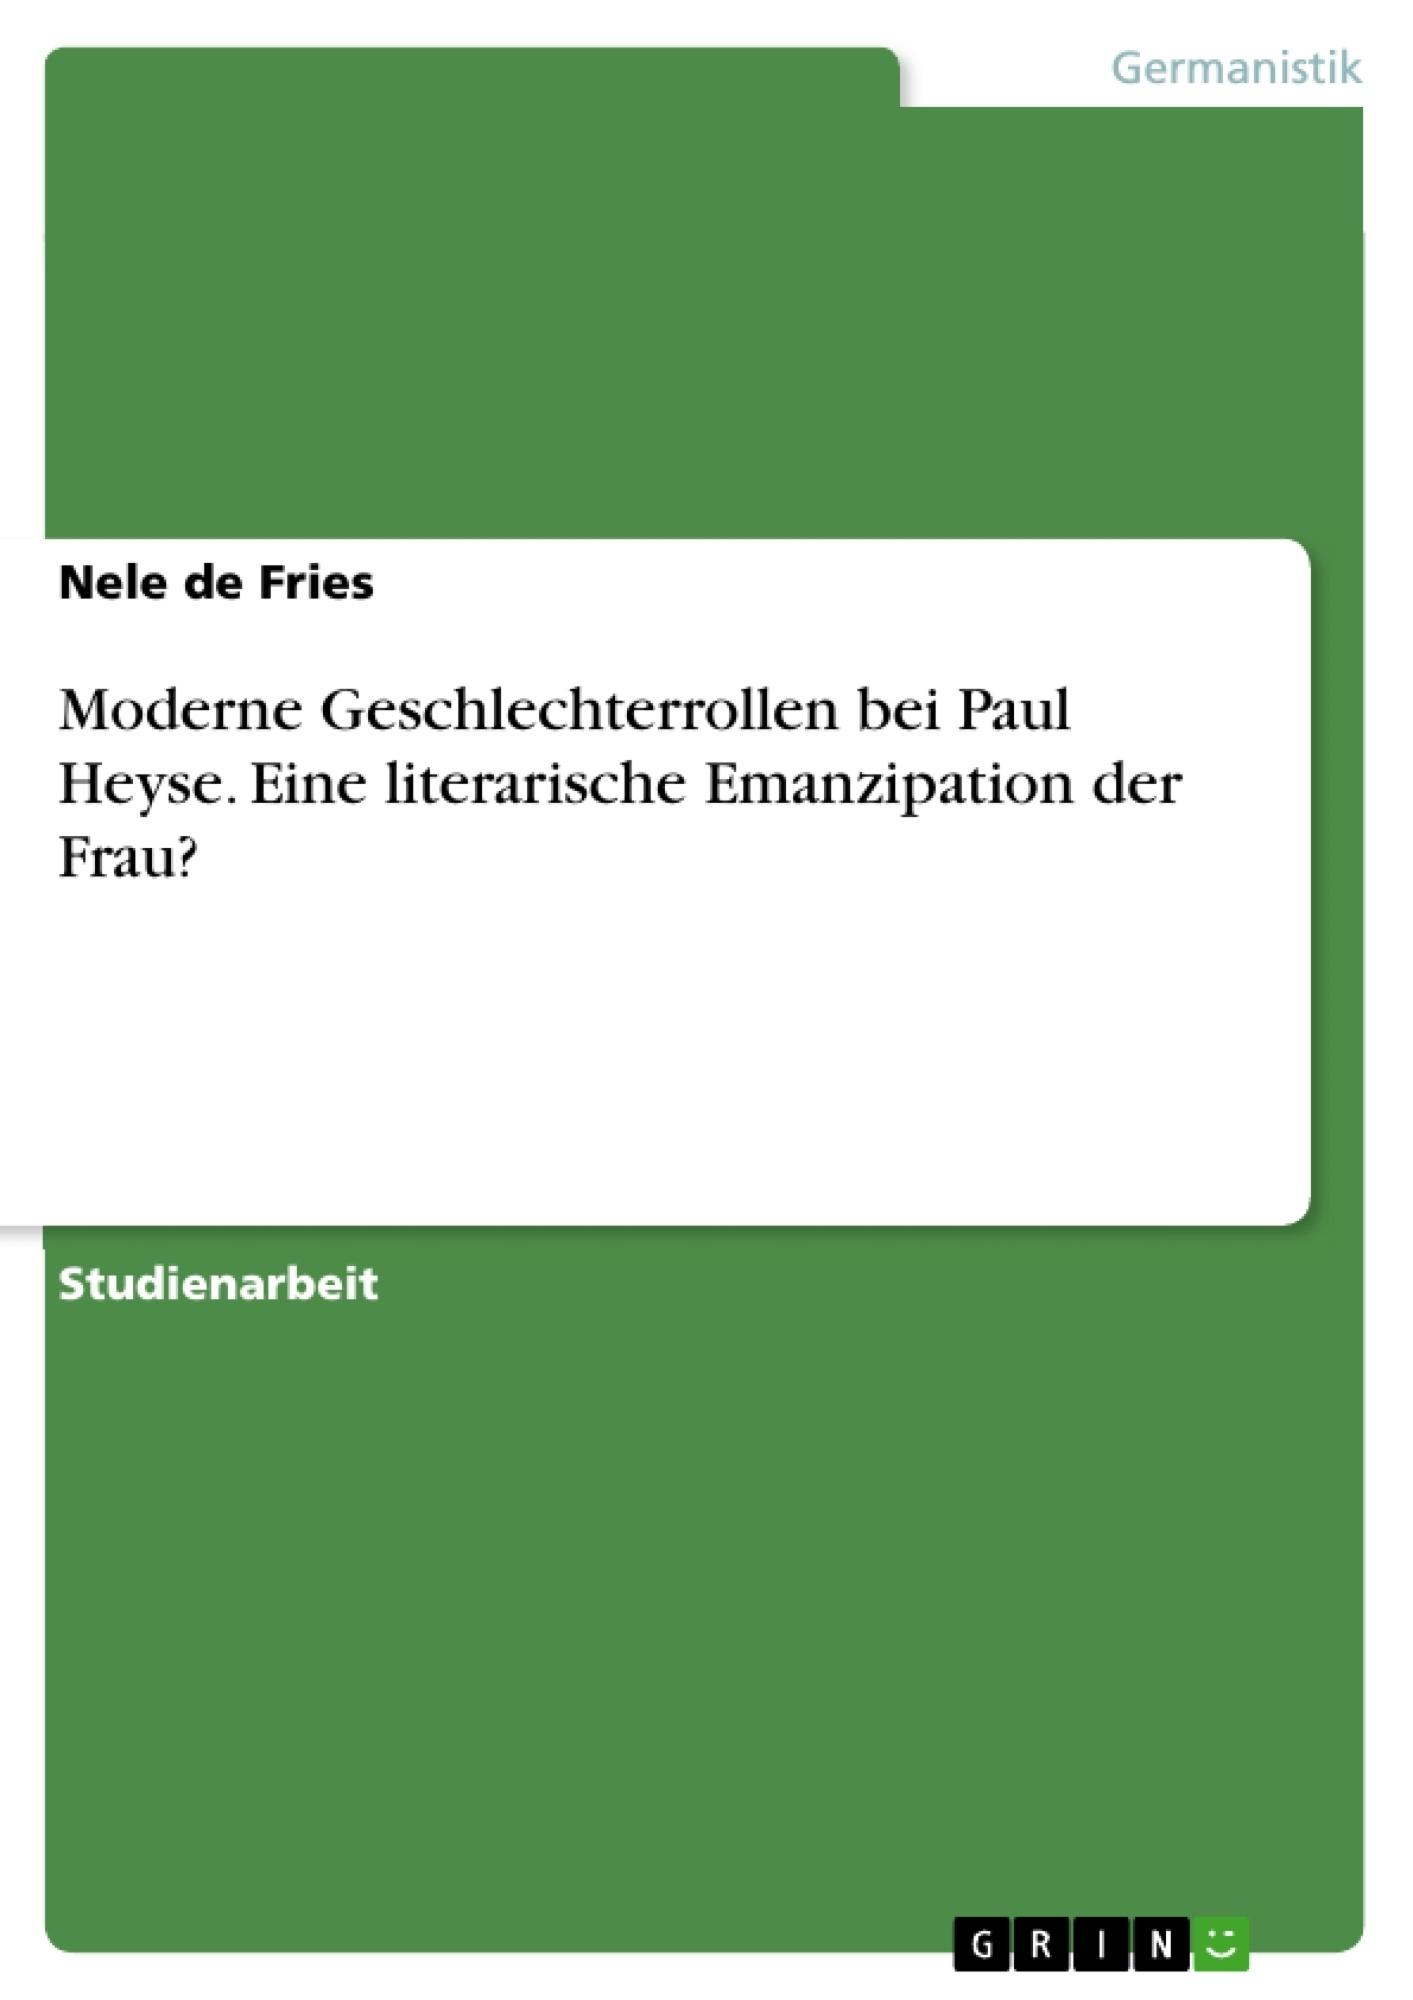 Titel: Moderne Geschlechterrollen bei Paul Heyse. Eine literarische Emanzipation der Frau?